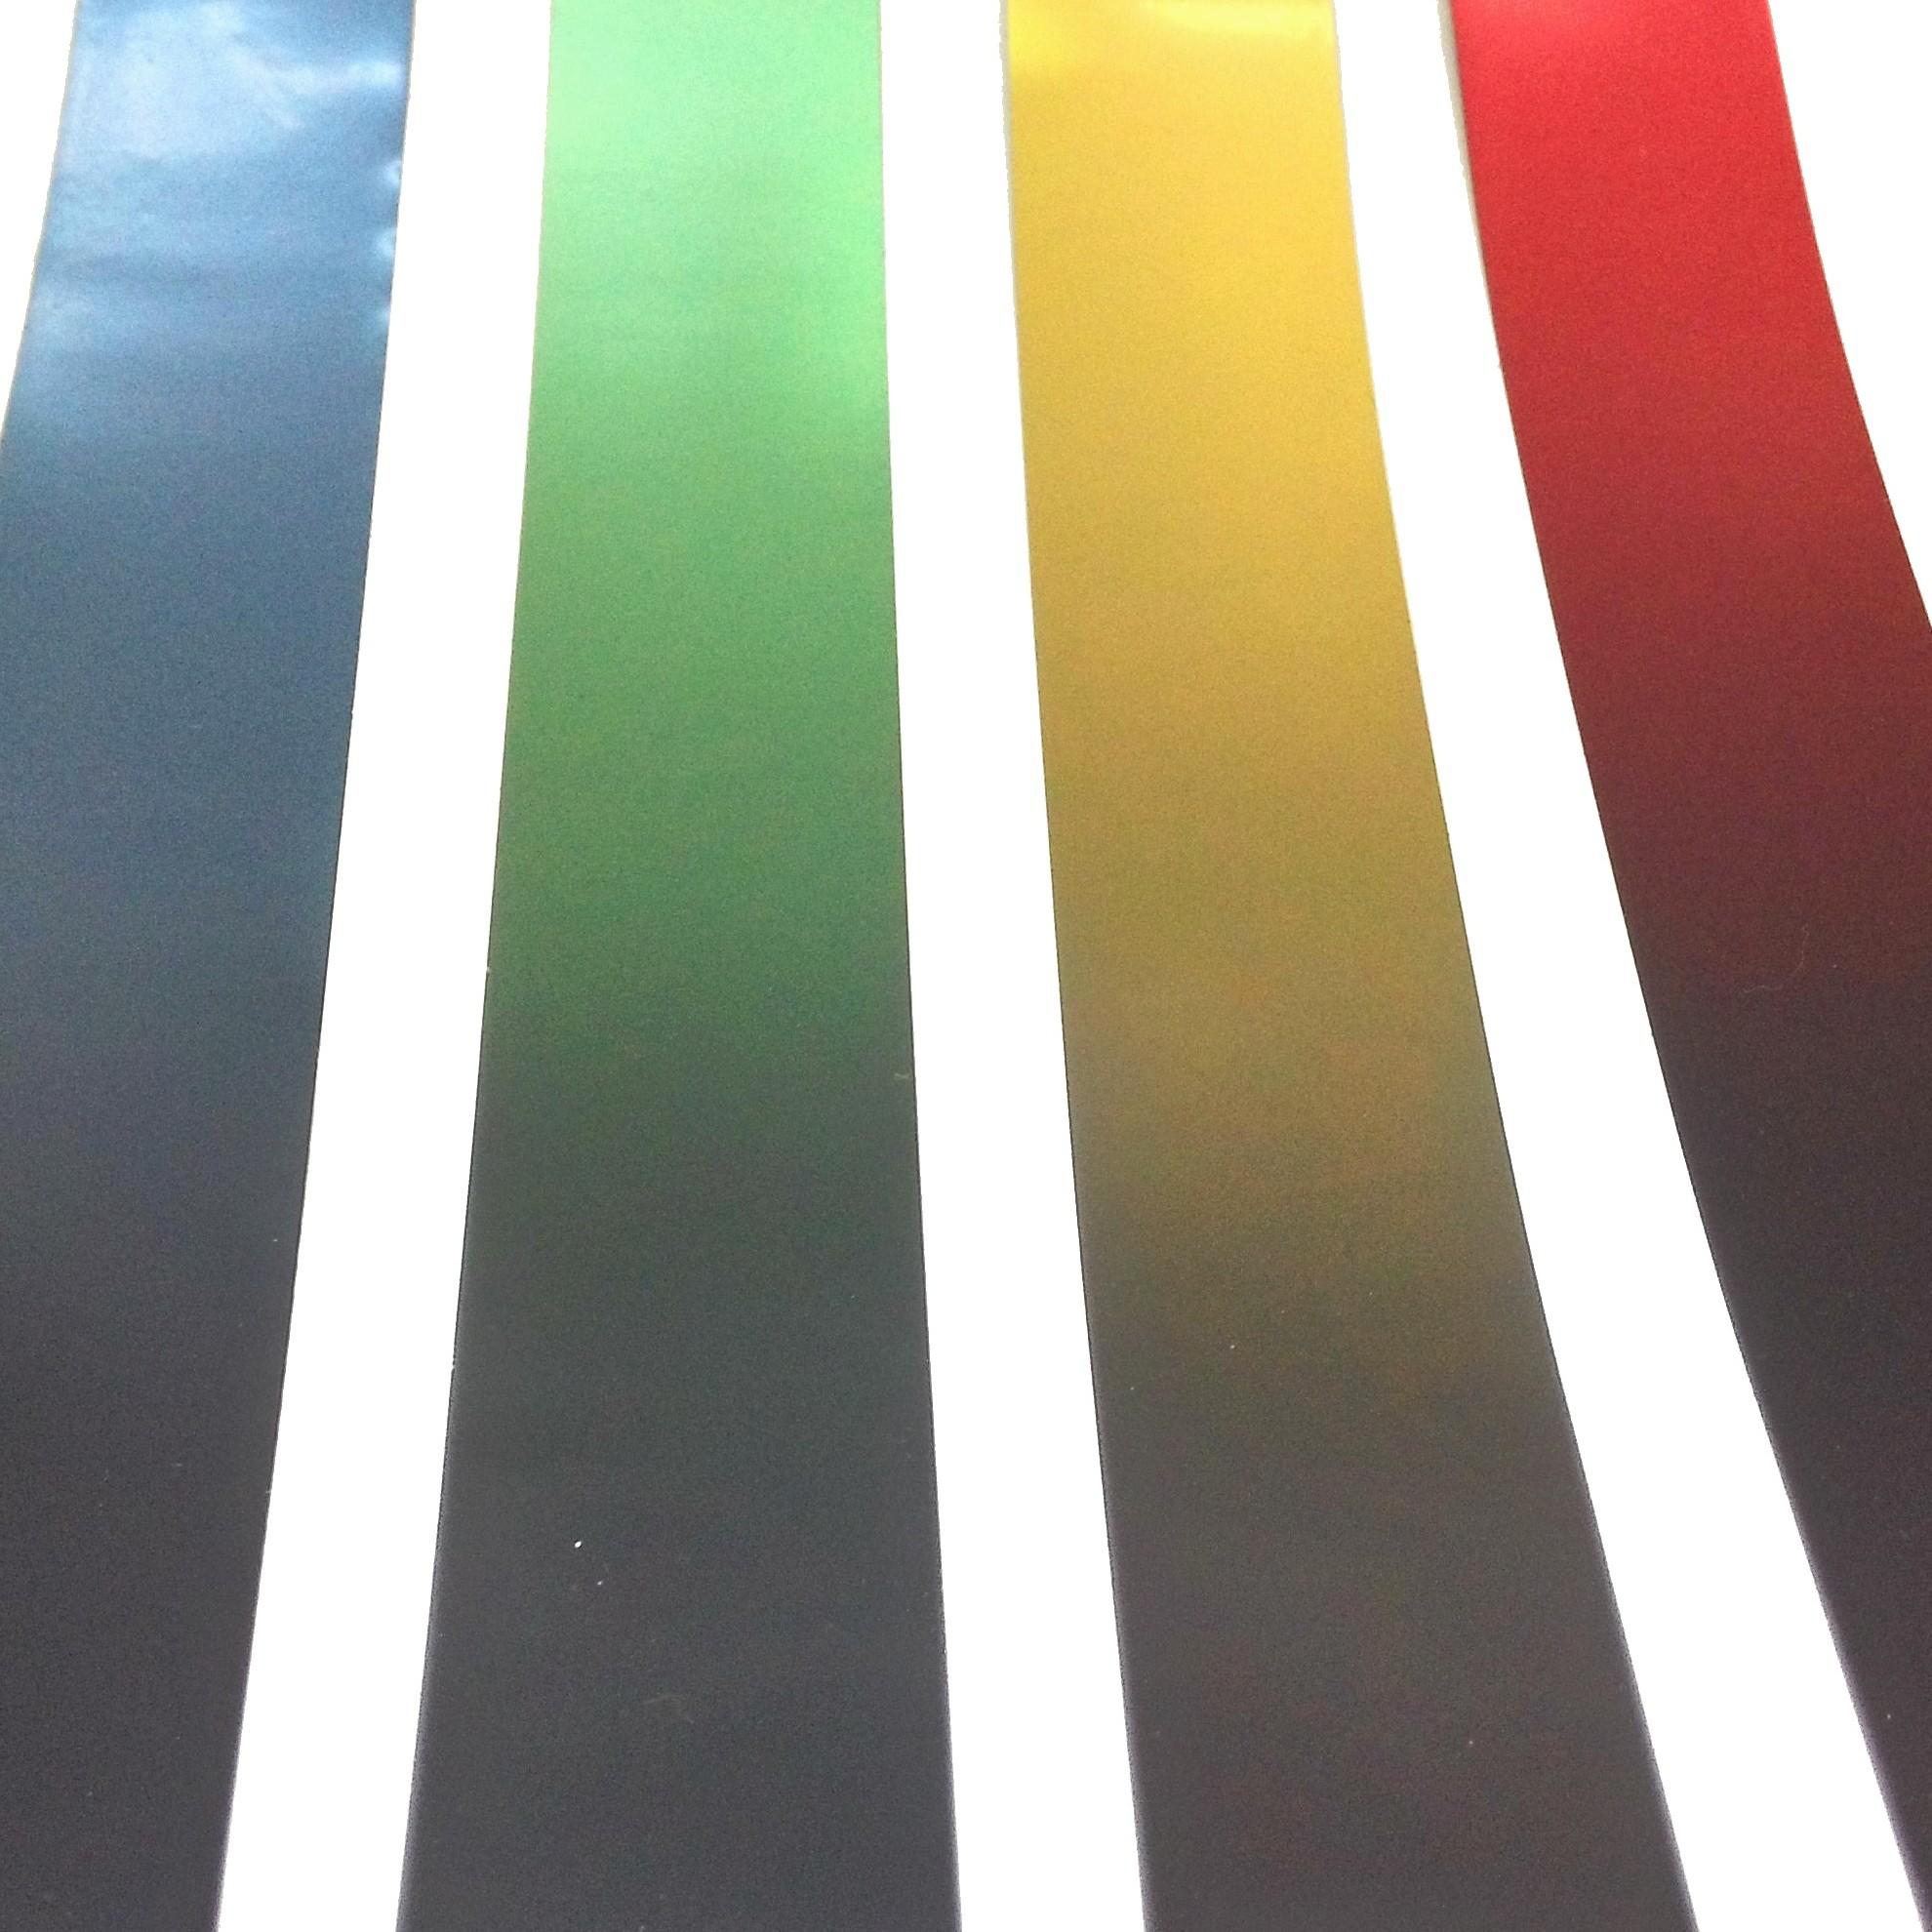 Верхняя градация оттенков солнцезащитной оконная пленка